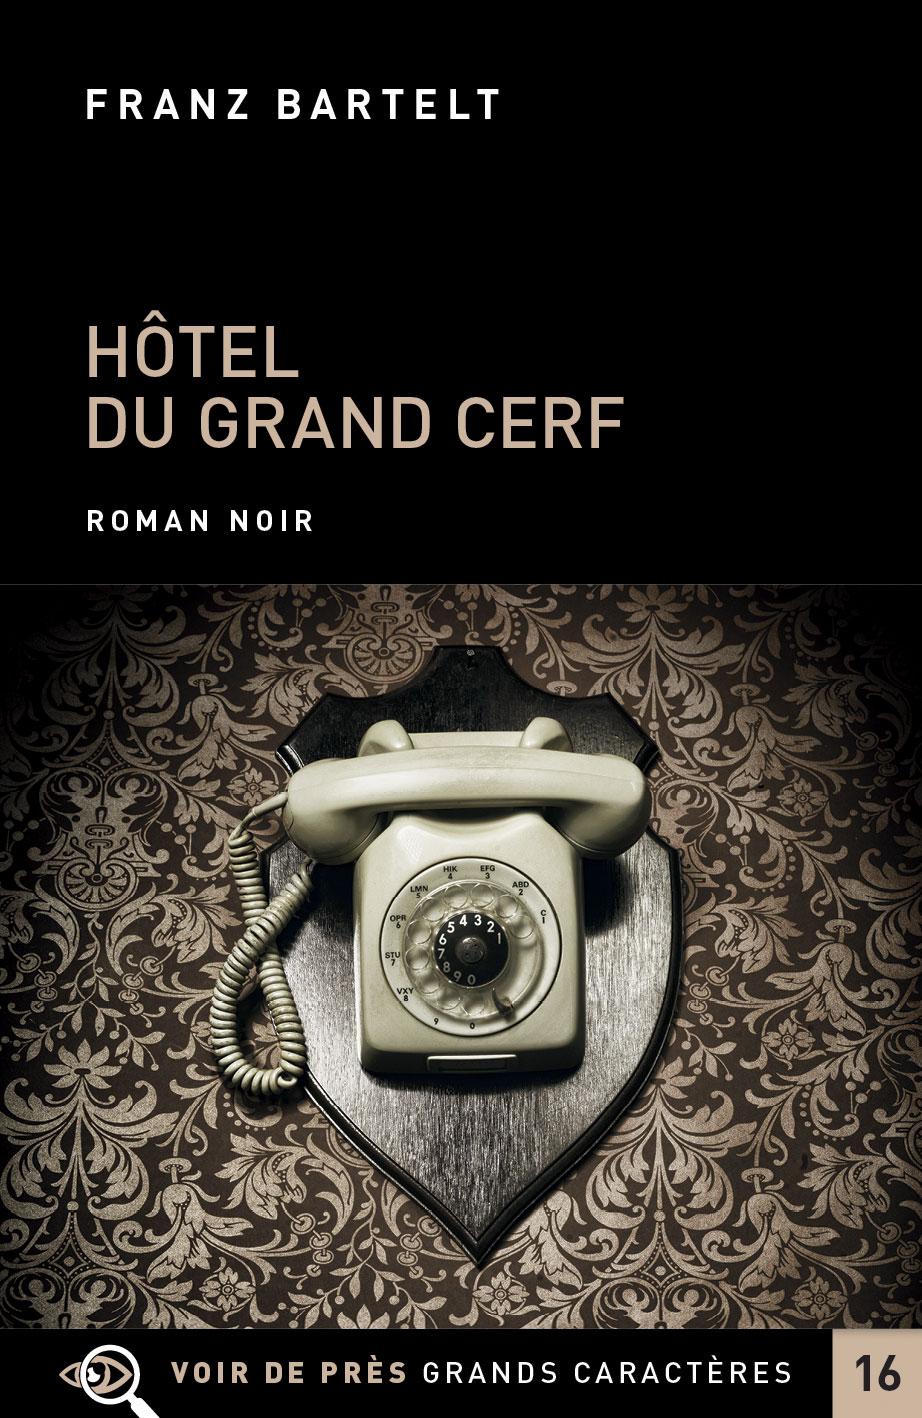 Couverture de l'ouvrage Hôtel du Grand Cerf